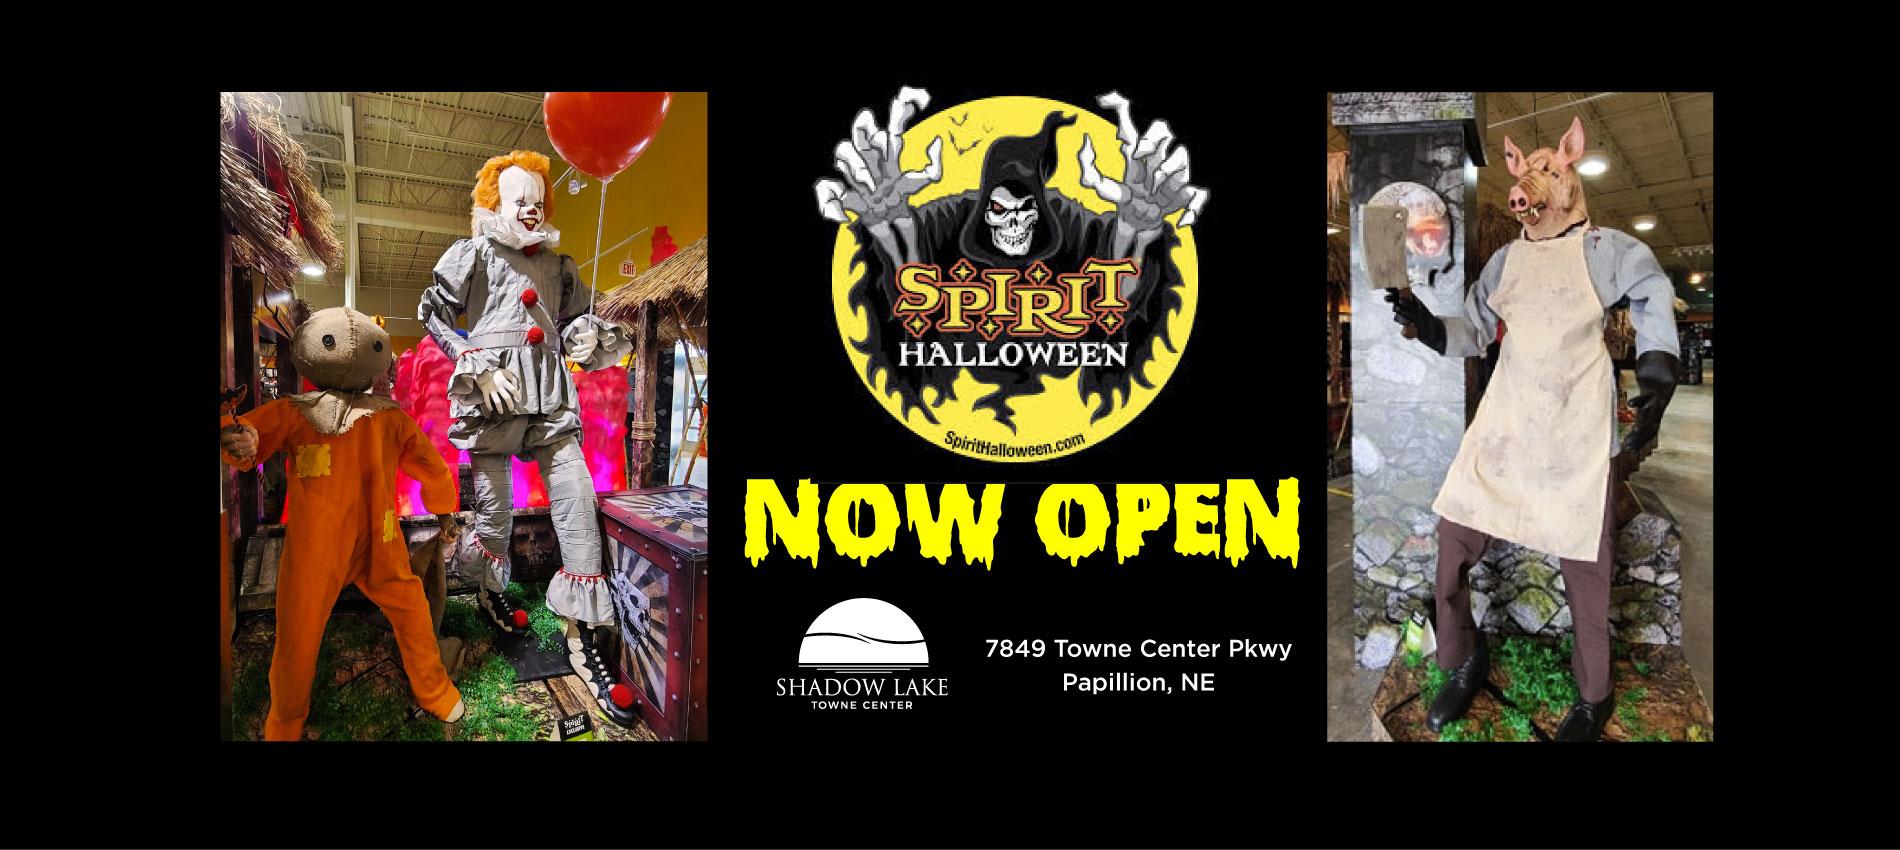 Now open Spirit Halloween